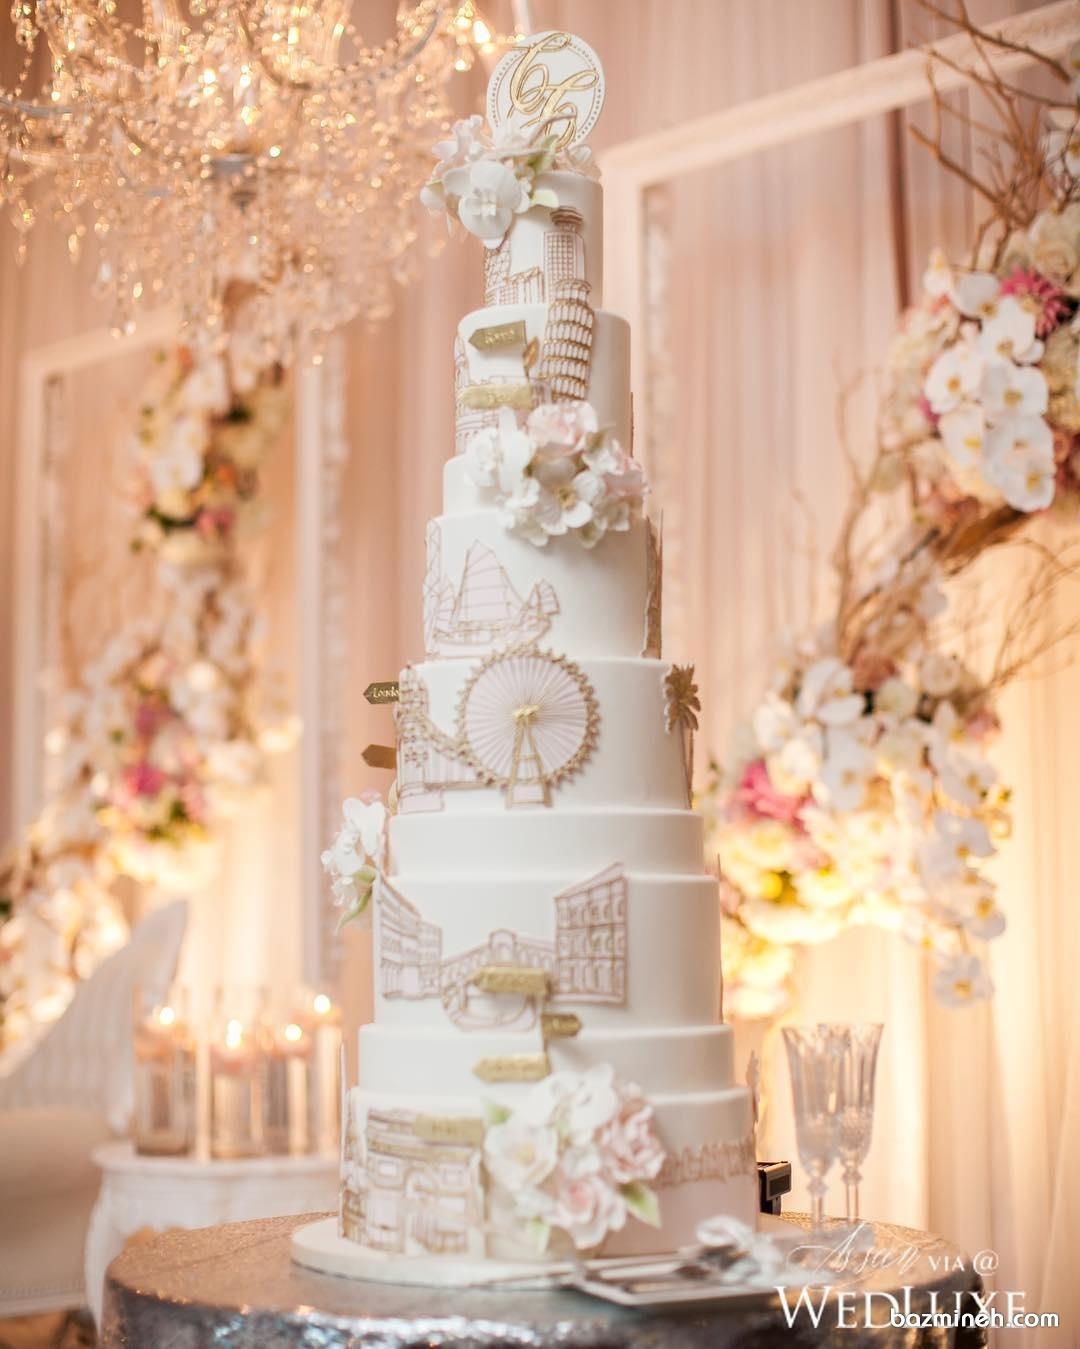 کیک بلند و باشکوه برای عروسی